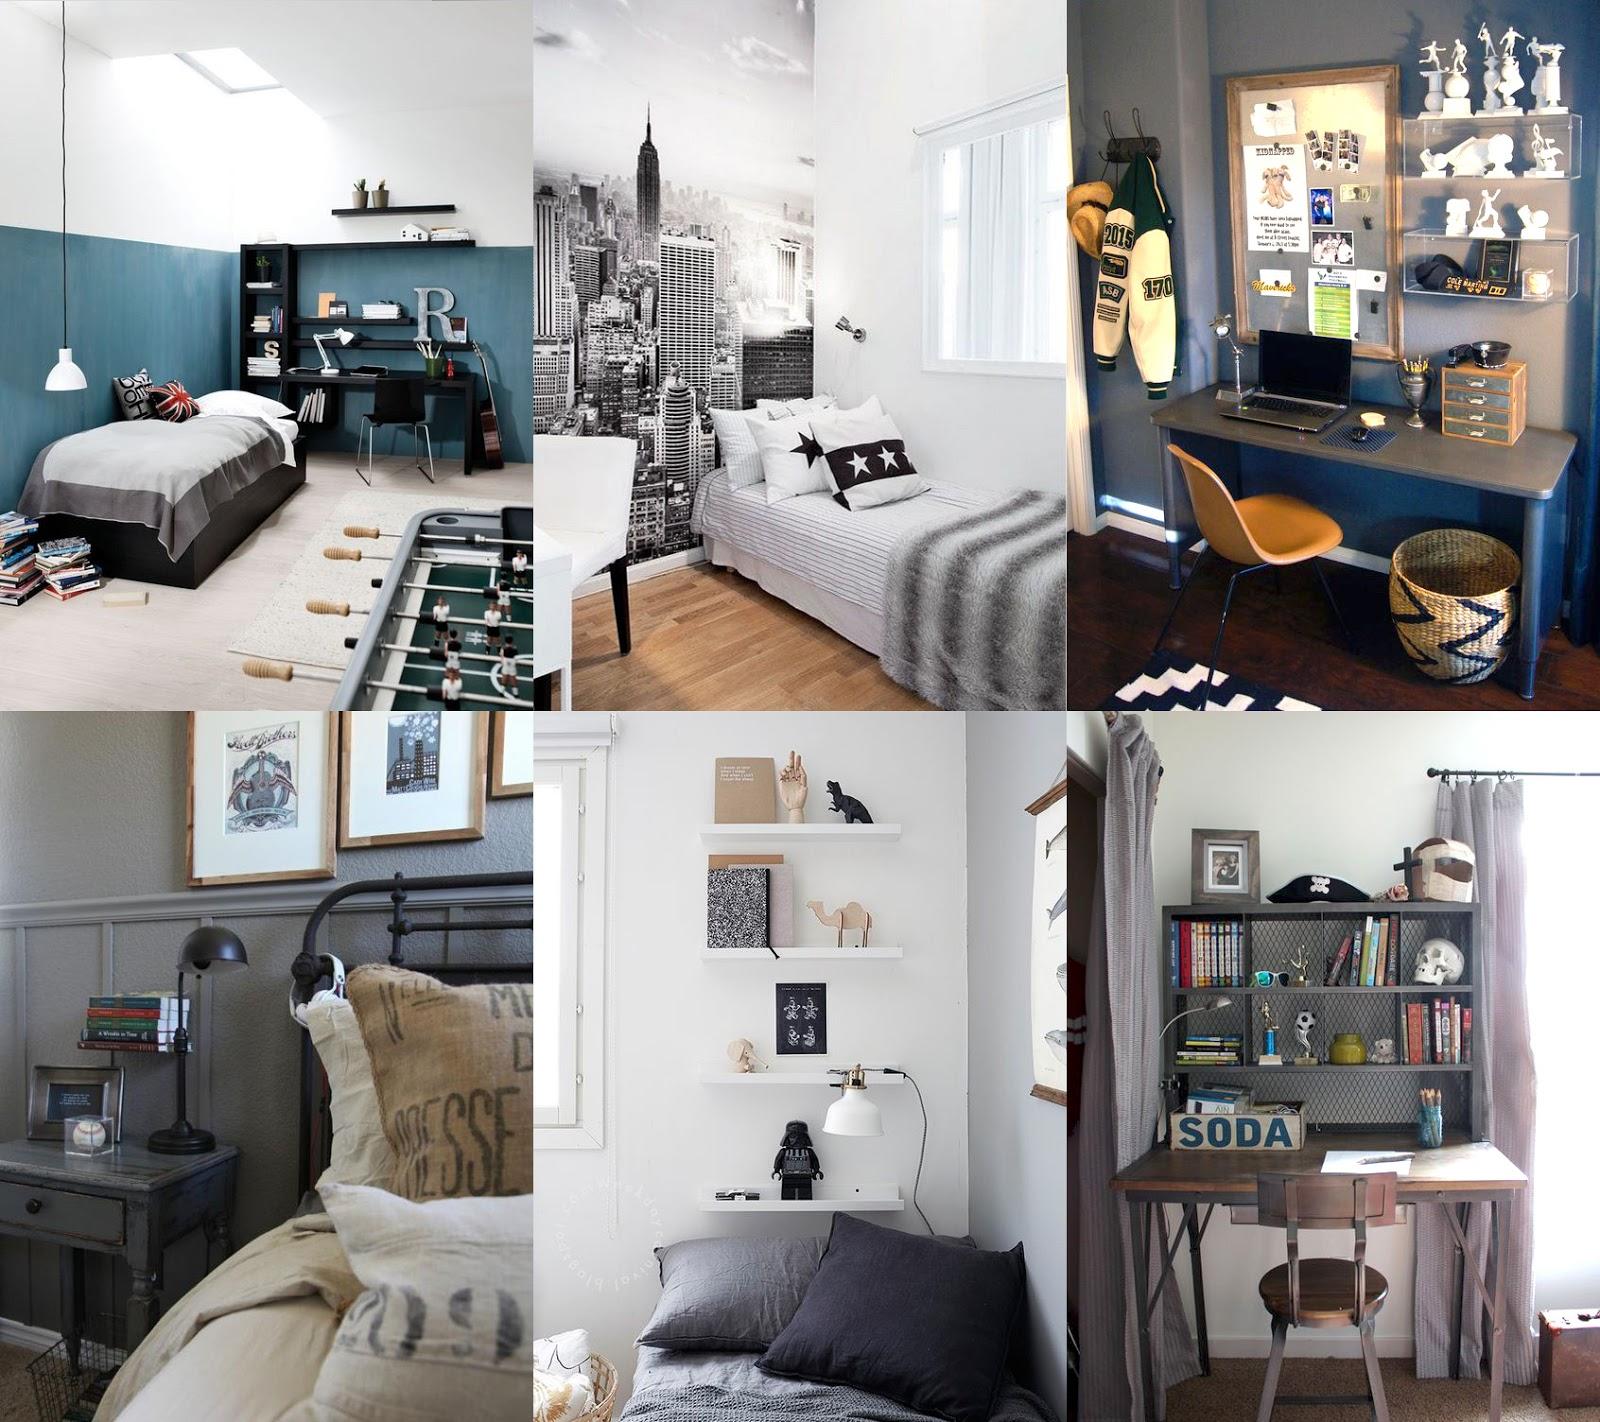 Camere Da Letto Ikea Prezzi. Good Simple Camera Da Letto Ikea Prezzi ...